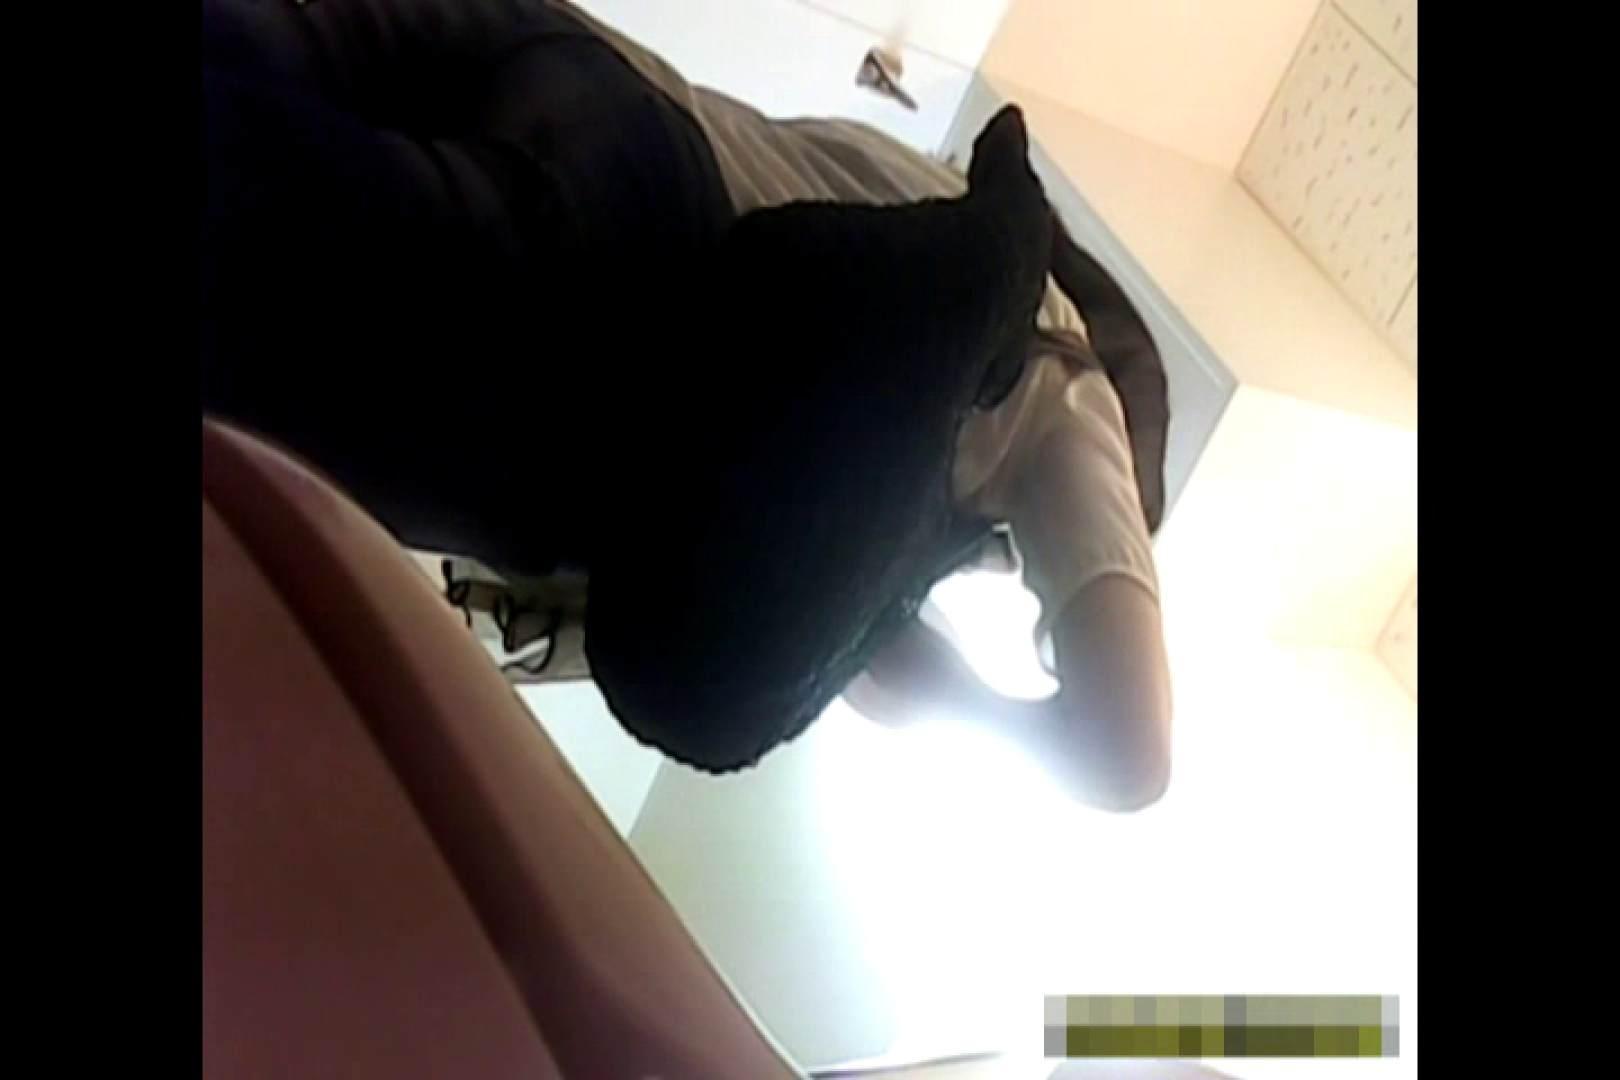 超高画質5000K!脅威の2点かわや! vol.61 盗撮師作品 ワレメ無修正動画無料 79pic 69